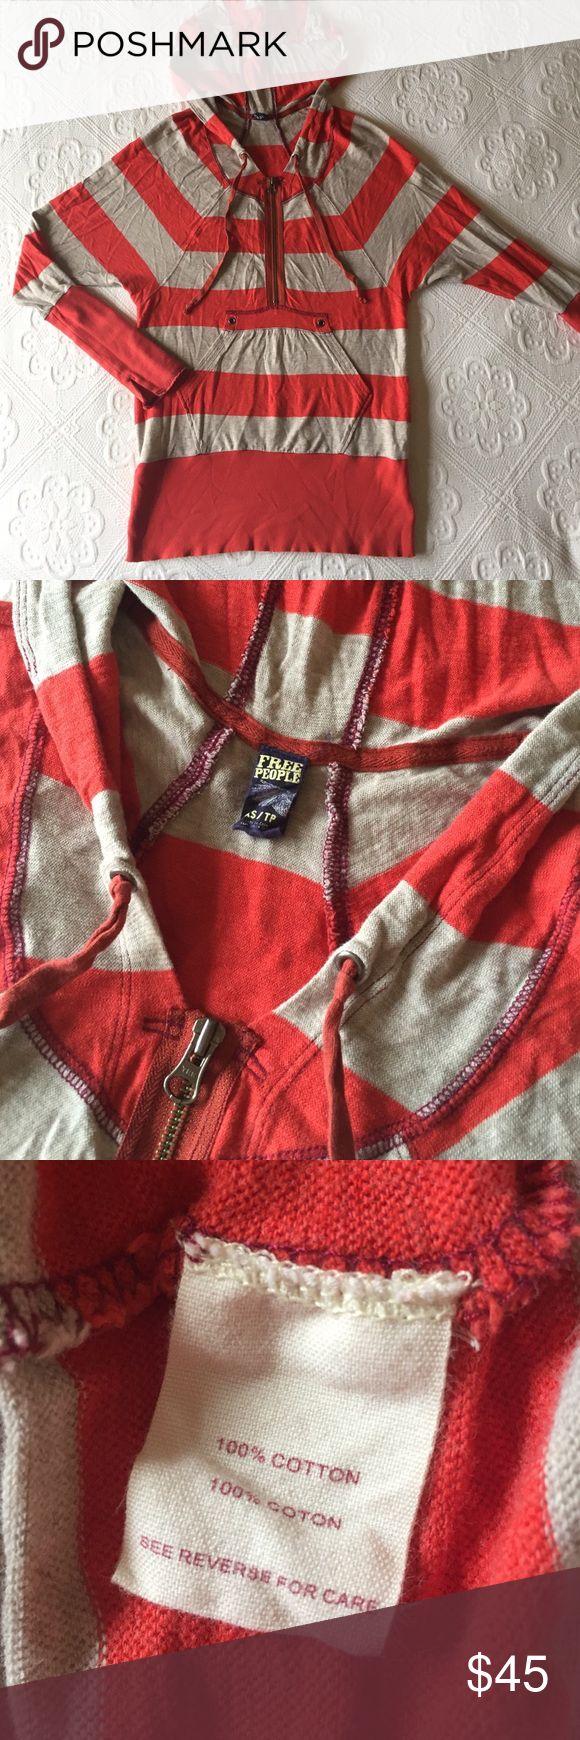 Free People - Striped Zip Up Pullover Hoodie Free People - Striped Zip Up Pullover Hoodie Free People Tops Sweatshirts & Hoodies